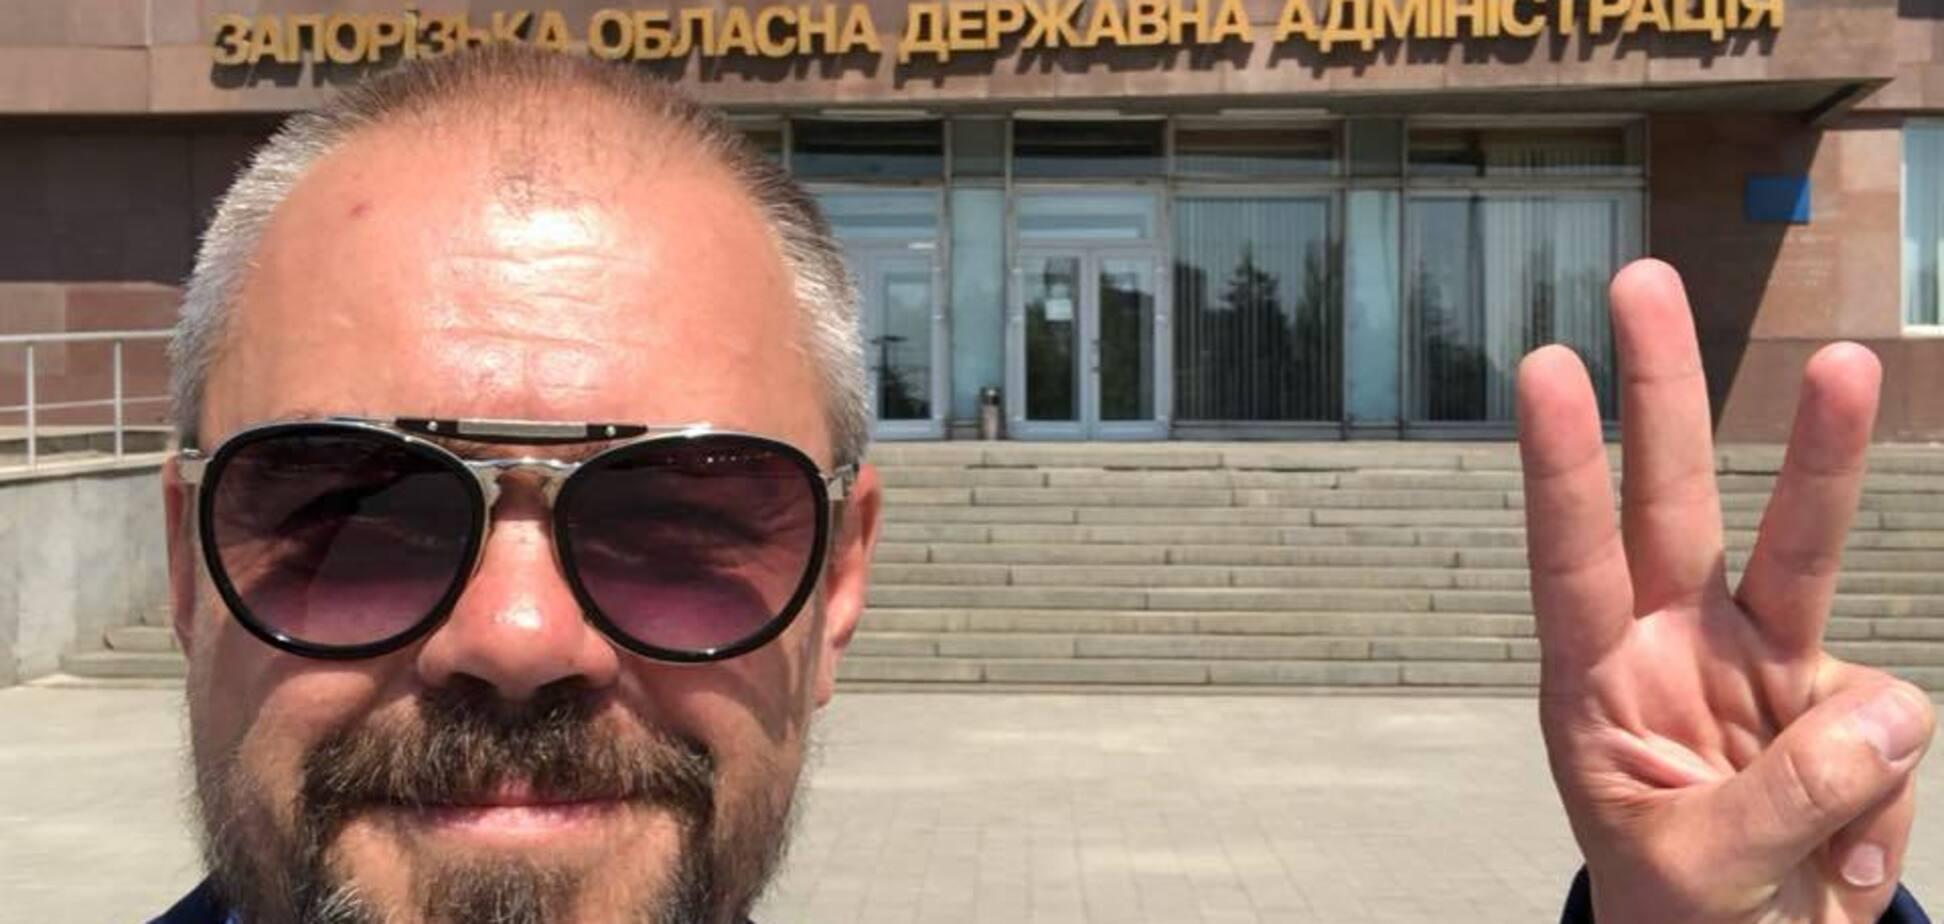 Вбитого на Запоріжжі АТОвця звинувачували у вимаганні: що відомо про скандал